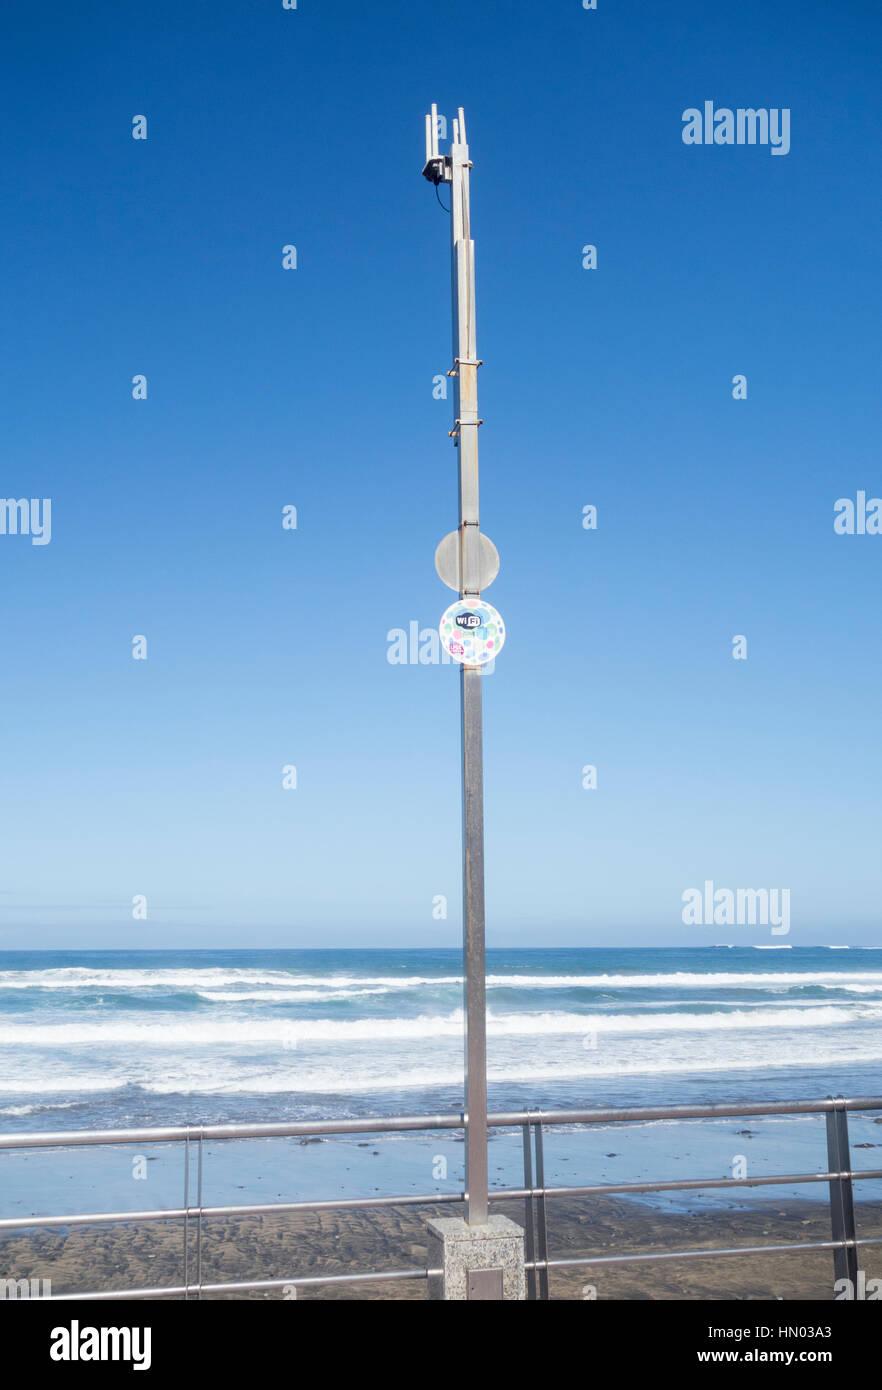 Antenas wifi en la playa en España Imagen De Stock